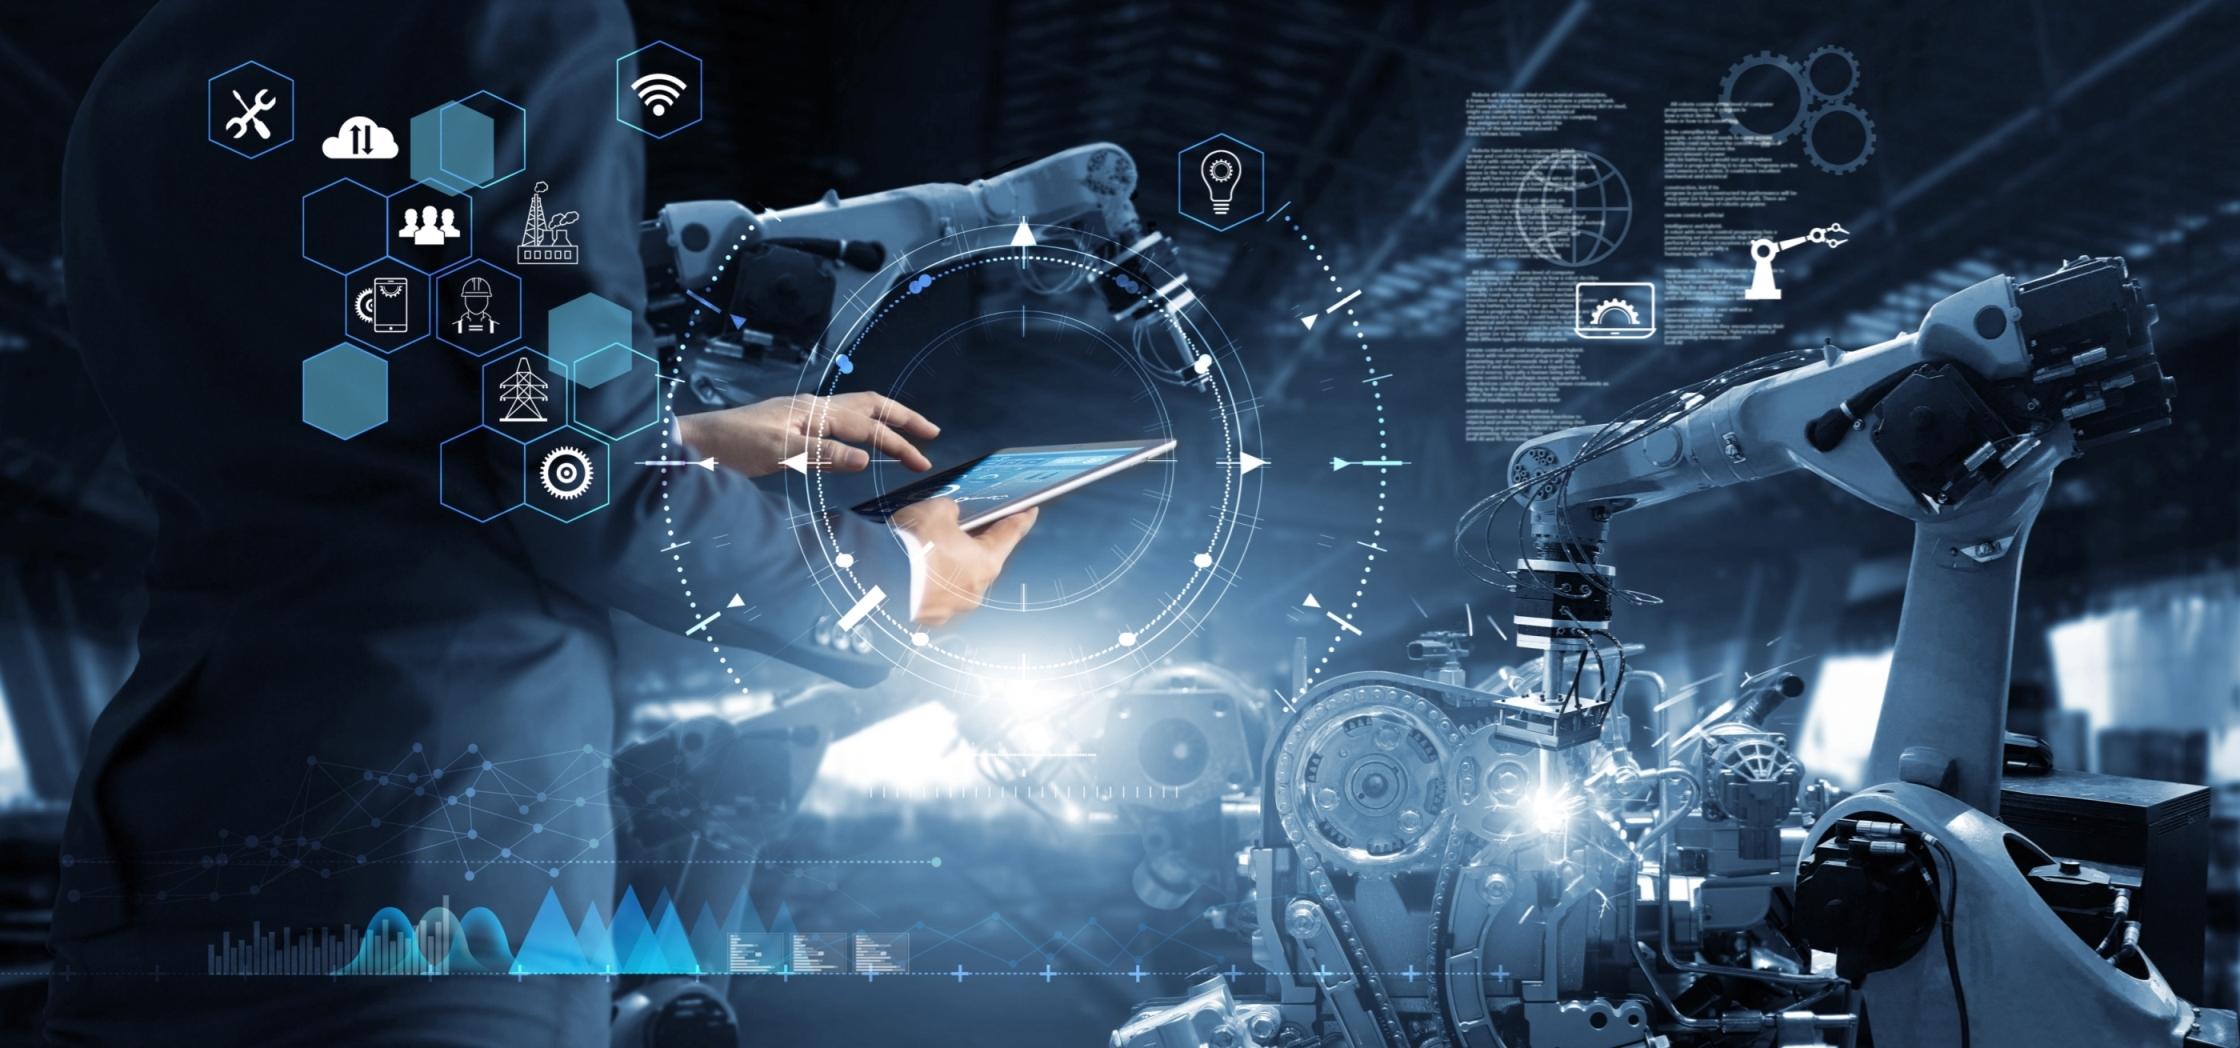 Yapay Zeka'nın gelişimi ve 5G ağlarına etkilenişi, robotik cihaz ve IoT'a etkisi ele alındı